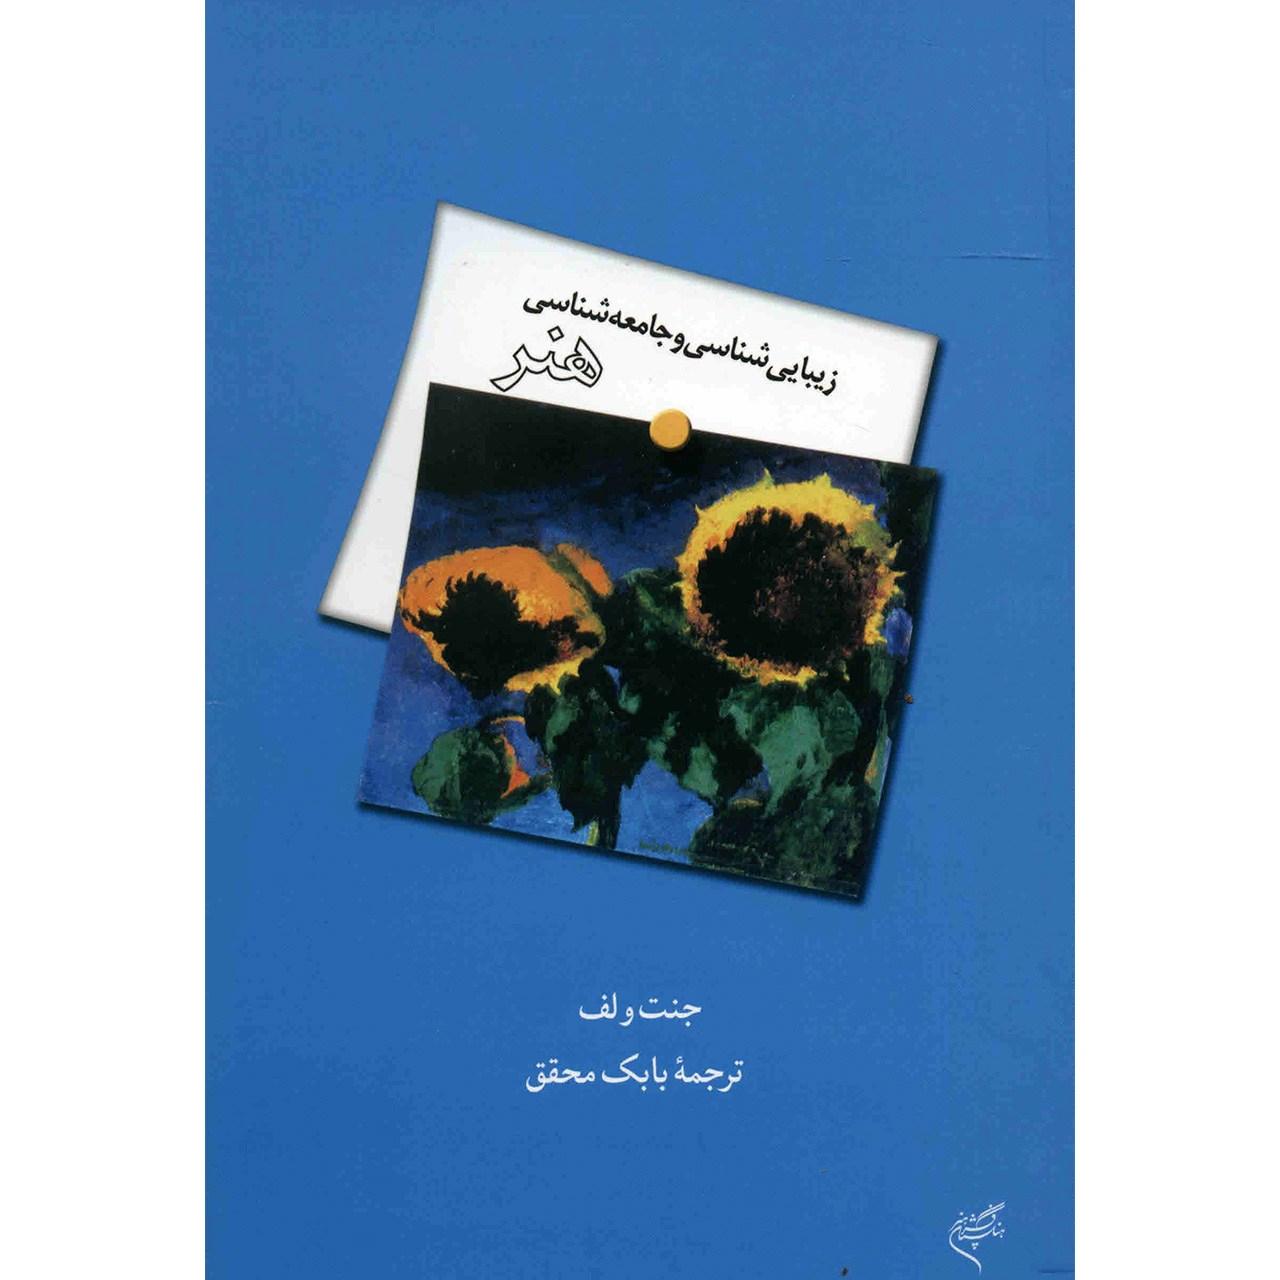 کتاب زیبایی شناسی و جامعه شناسی هنر اثر جنت ولف